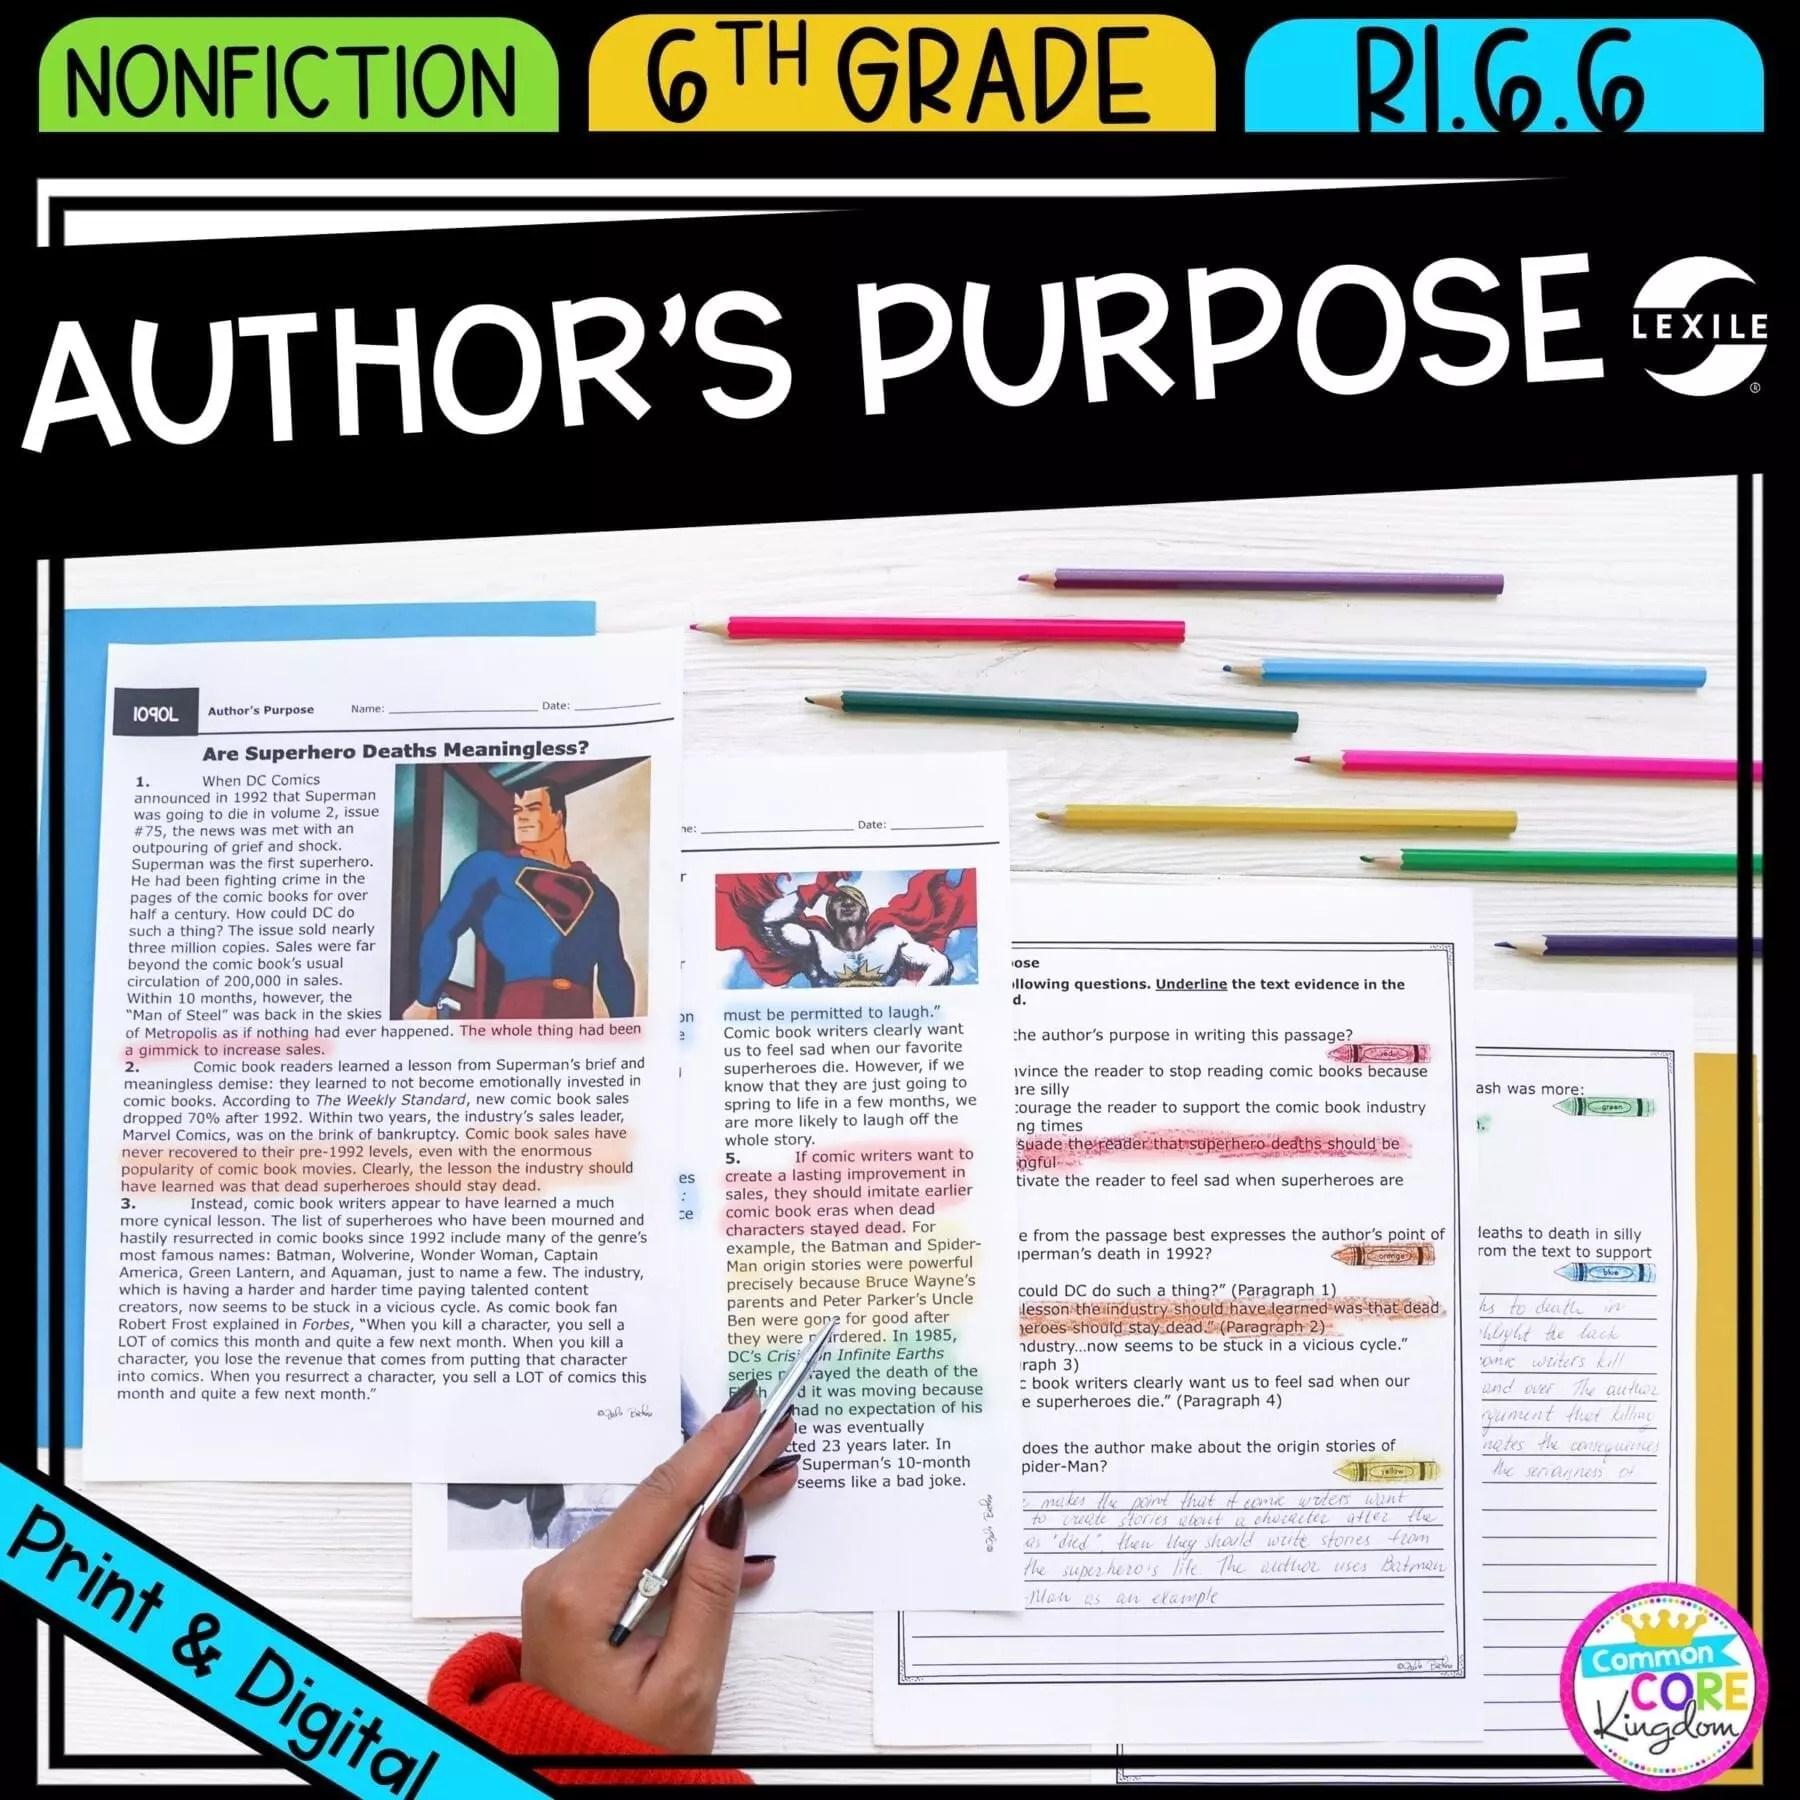 hight resolution of Author's Purpose 6th Grade RI.6.6   Common Core Kingdom